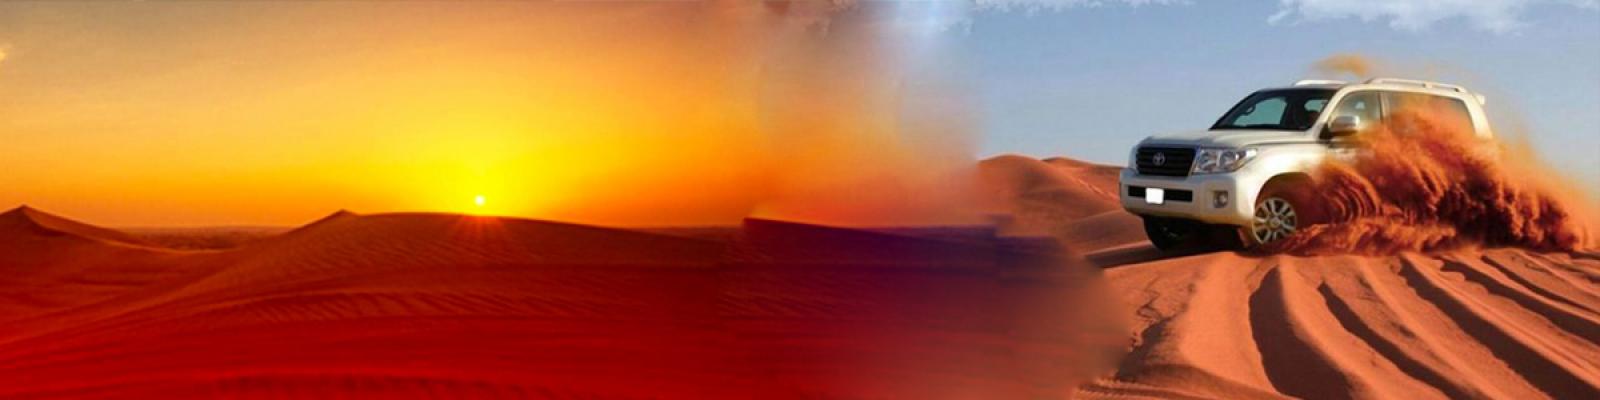 red dunes desert safari, lahbab desert dubai,  red dune desert safari with bbq dinner